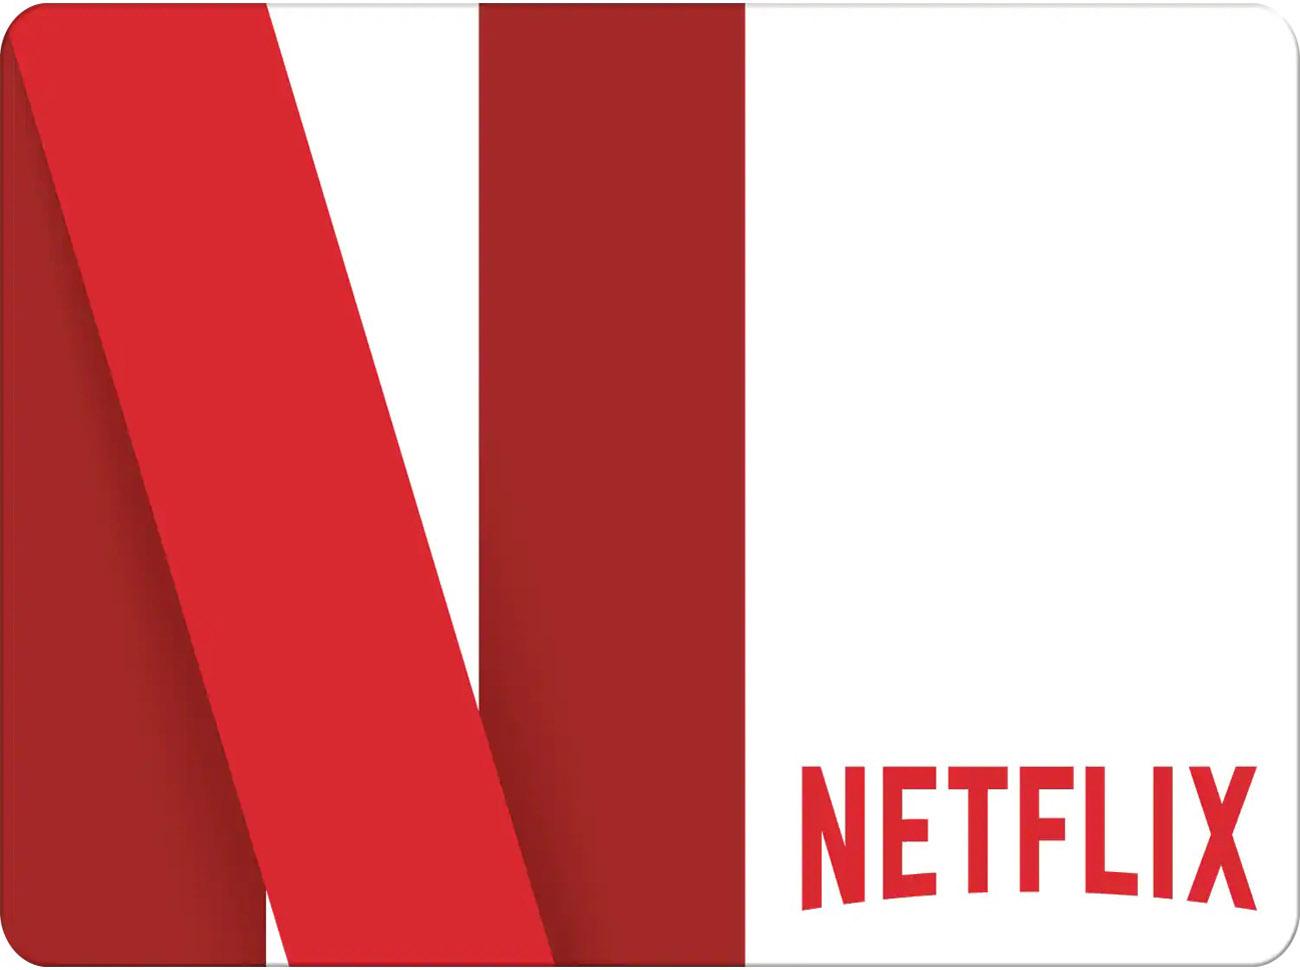 Netflix Aktif Olmayan Hesapları Kapatıyor